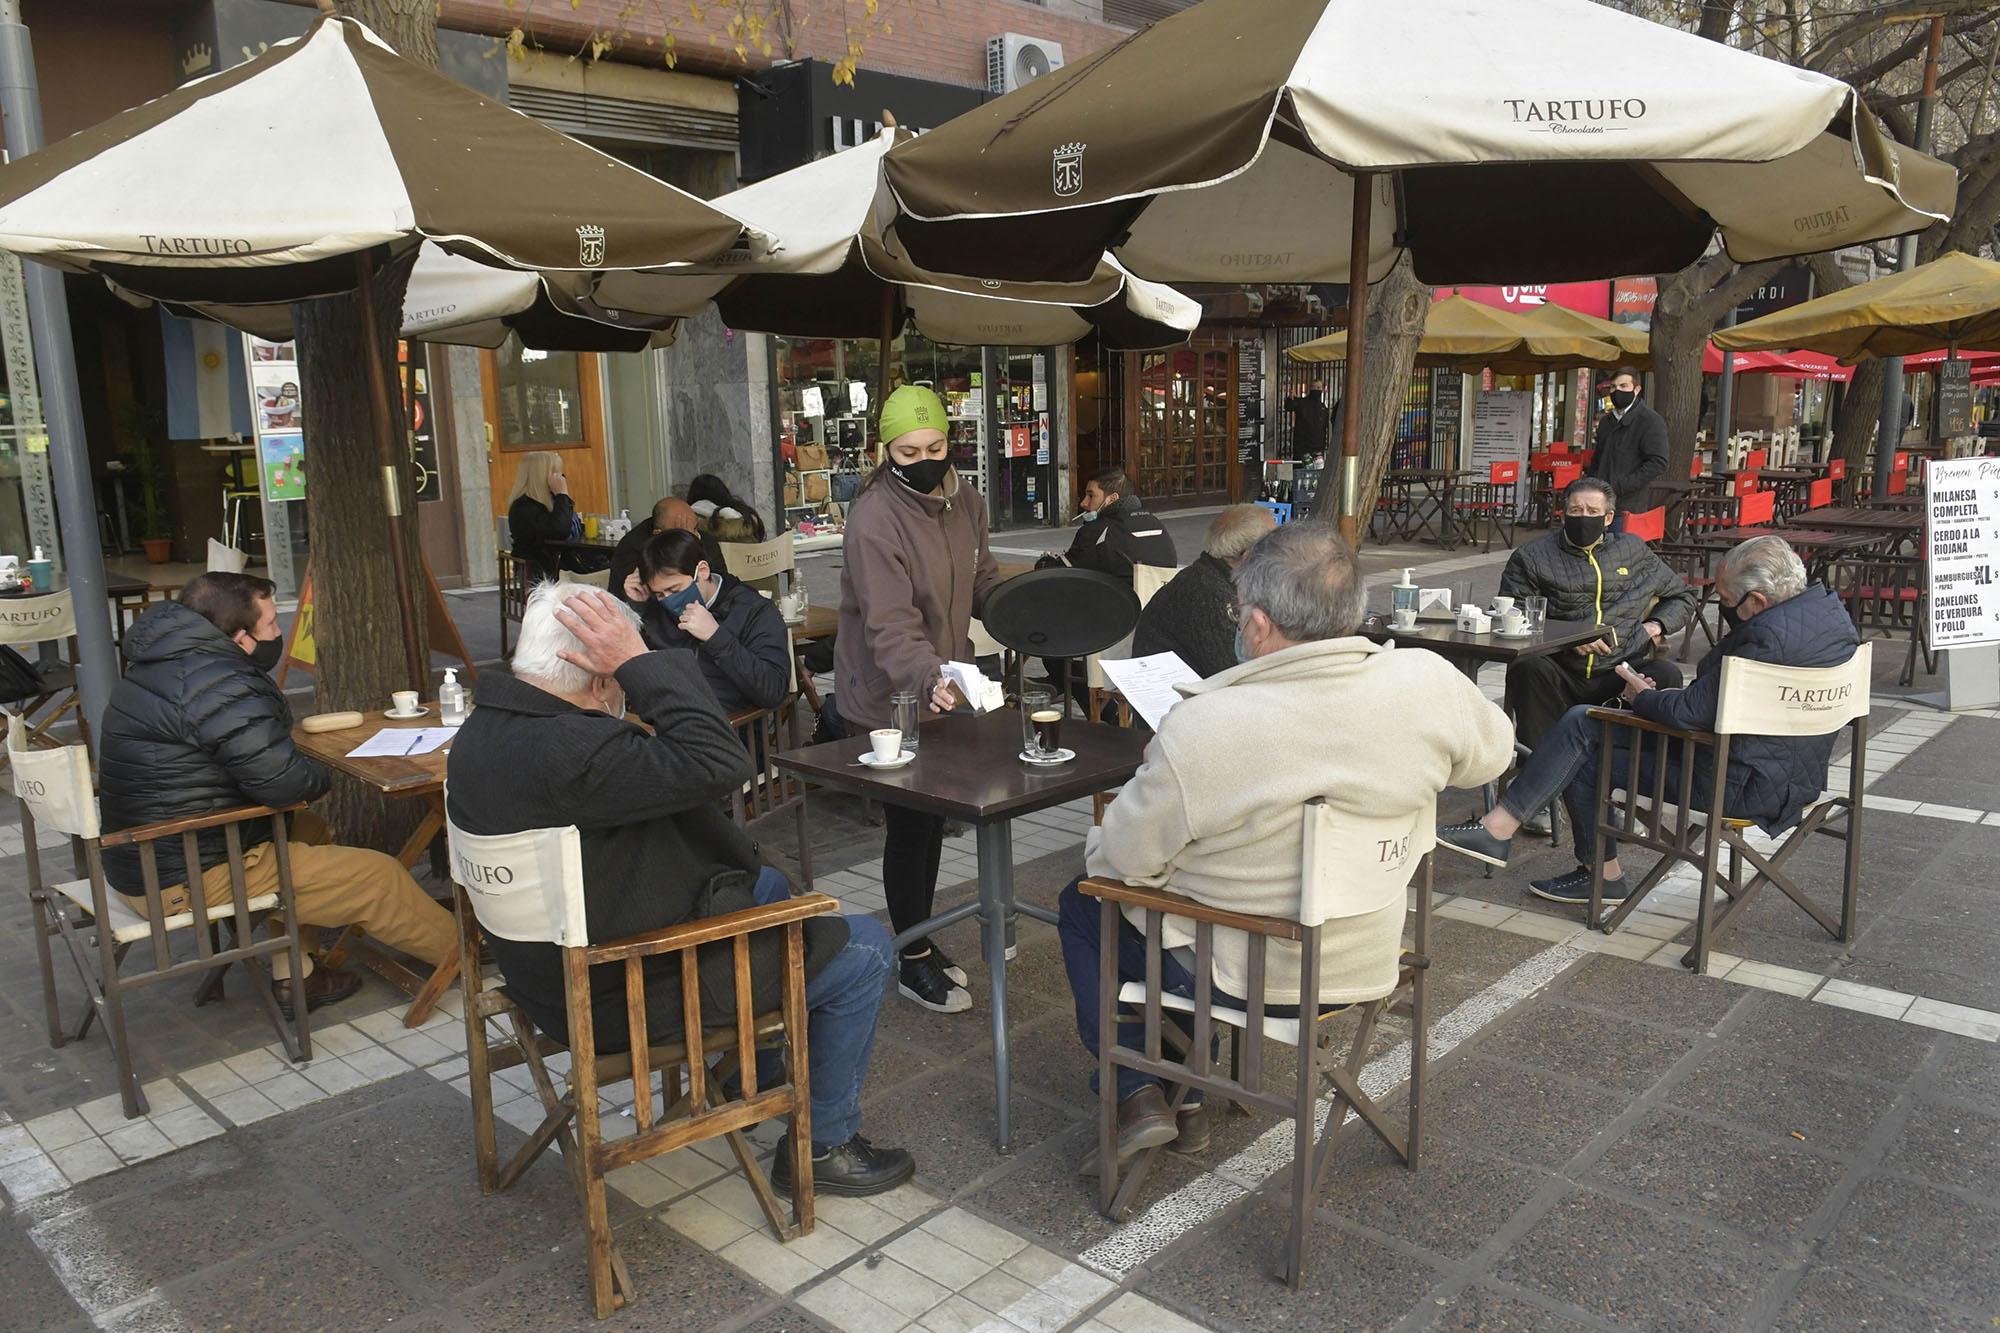 Los restoranes, bares y cafés solo pueden atender a los comensales en las veredas. Foto: Orlando Pelichotti.